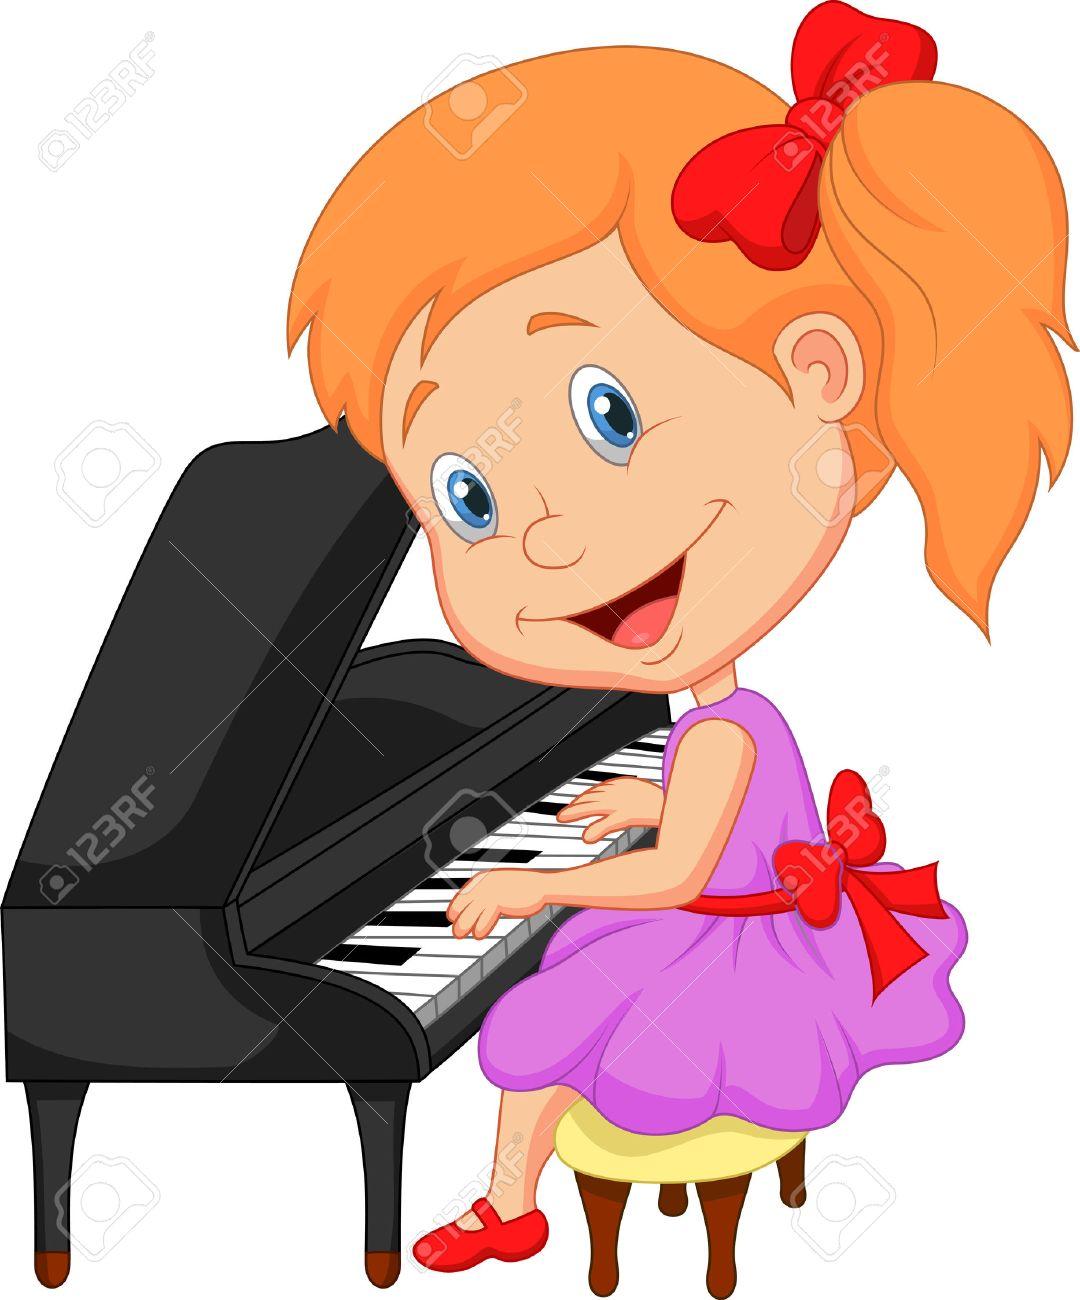 piyano karikatür ile ilgili görsel sonucu